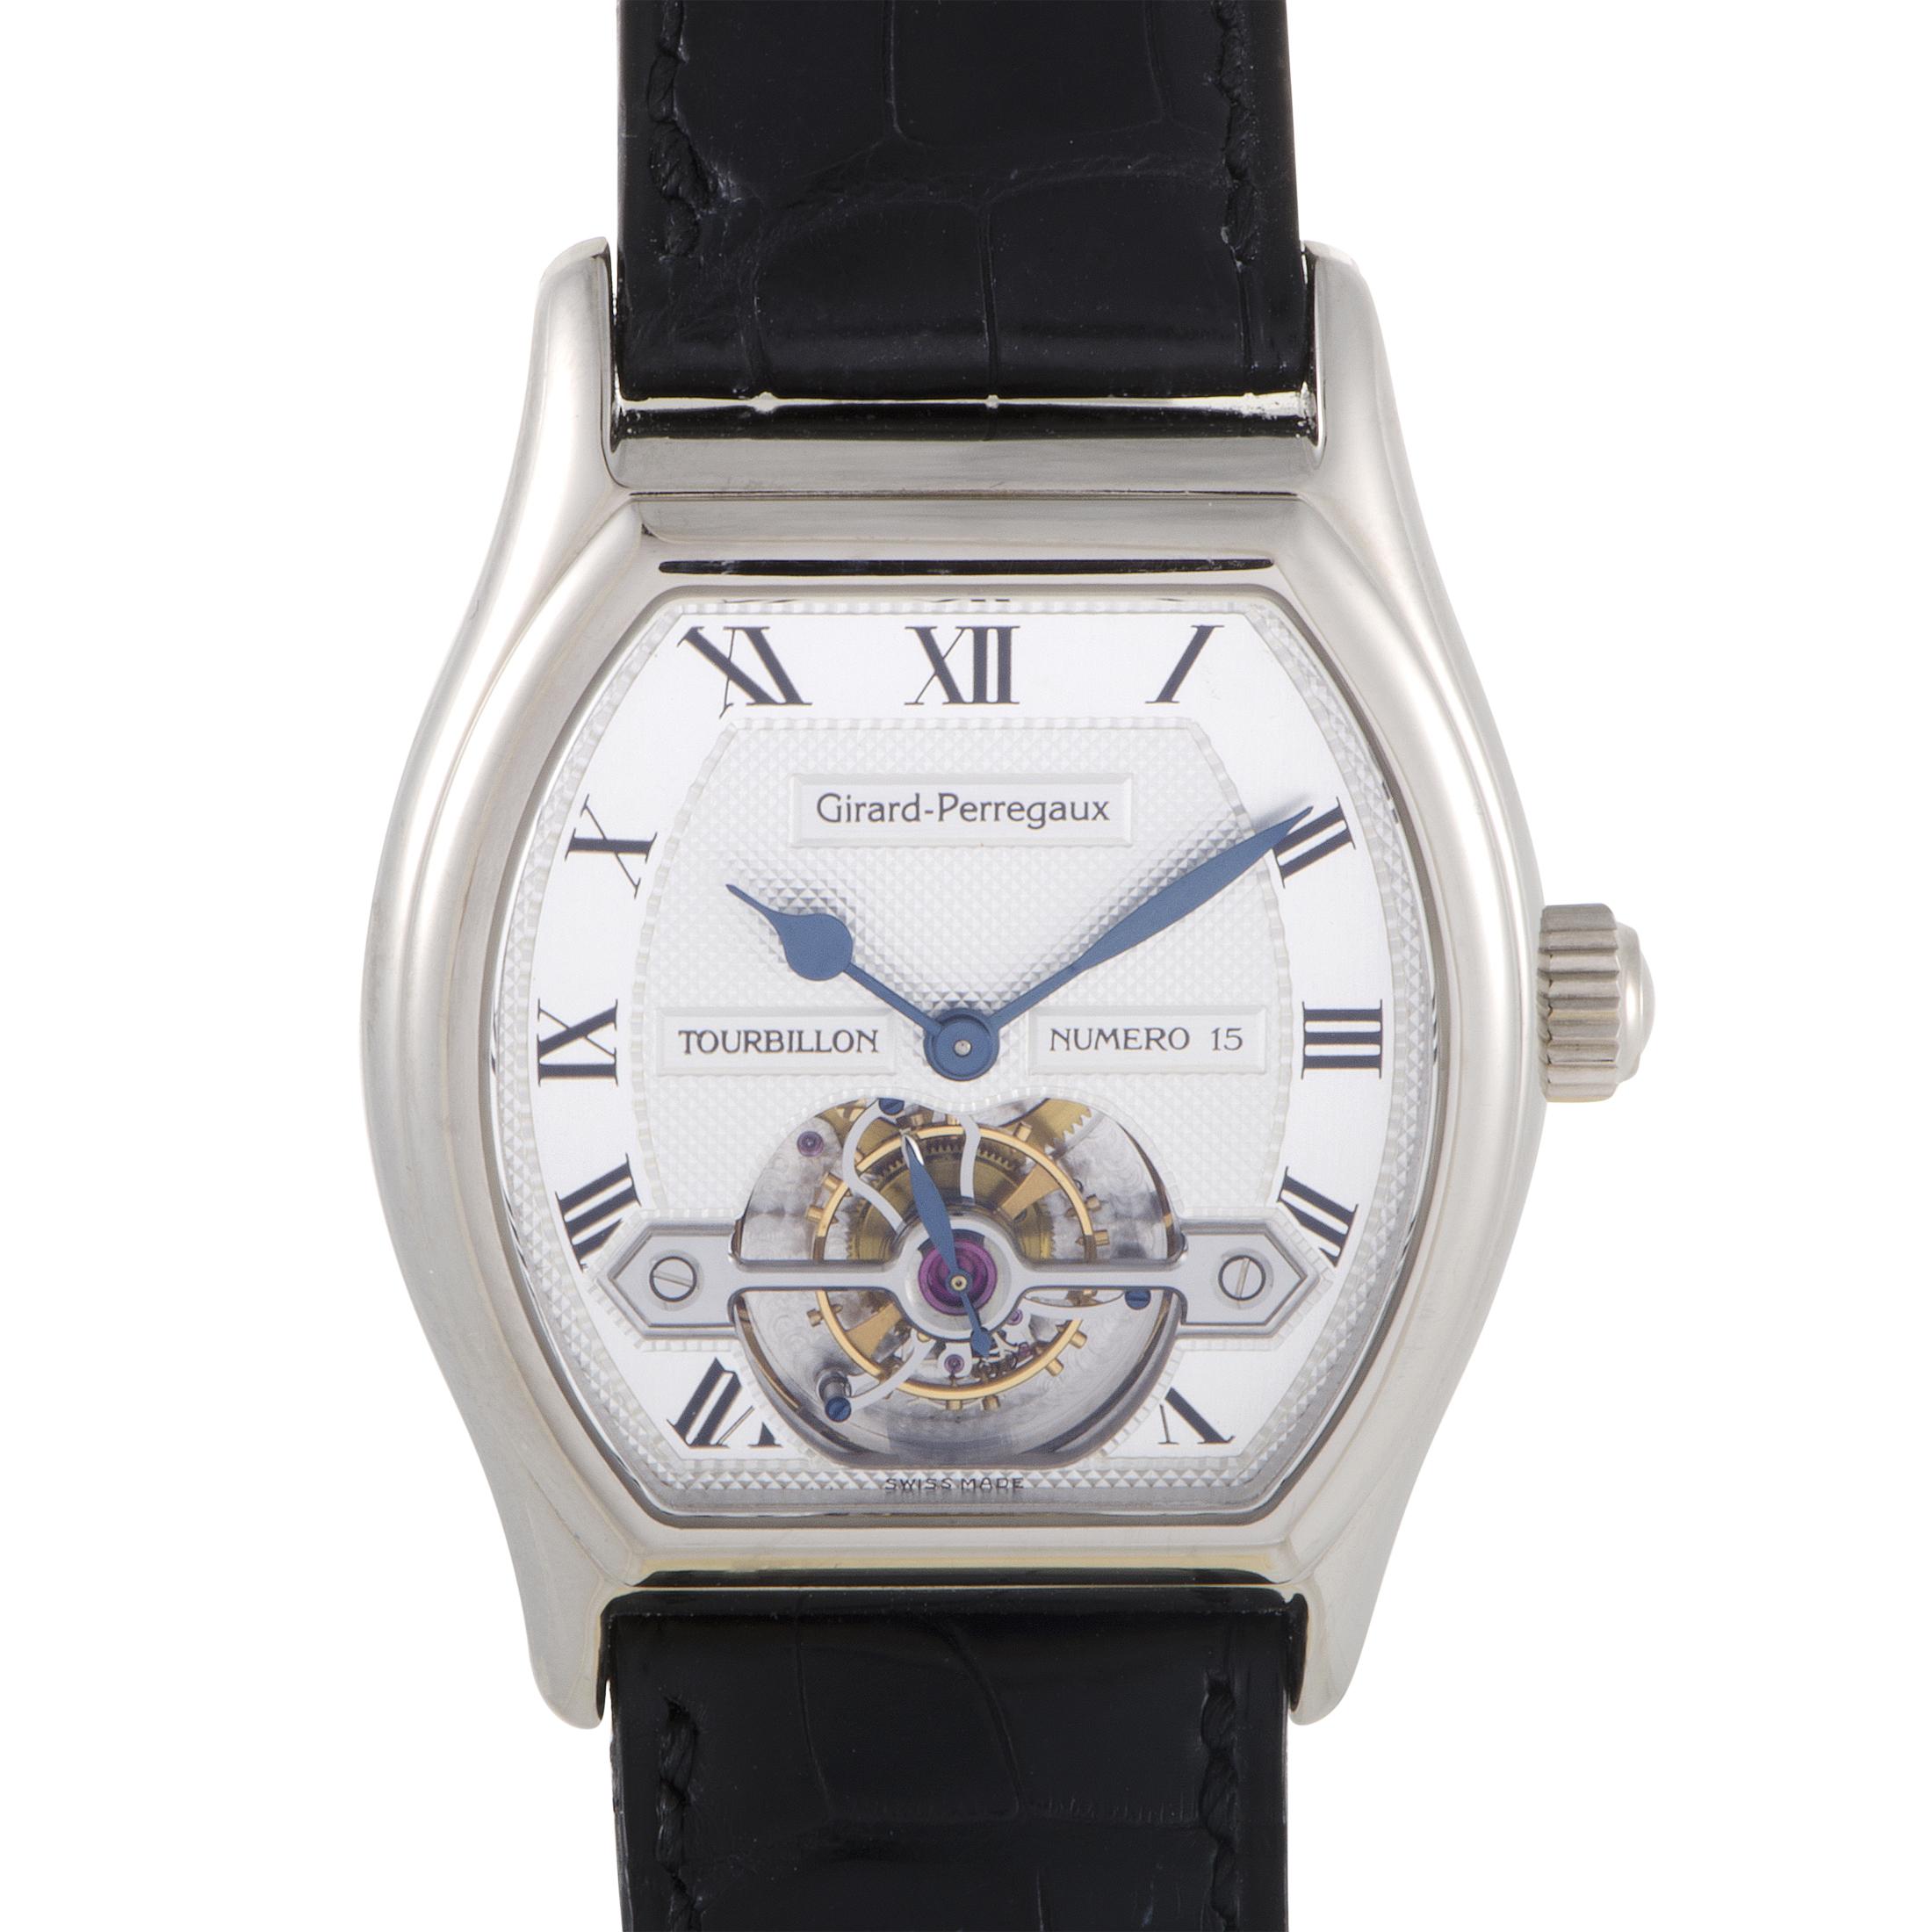 Girard-Perregaux Mens Automatic White Gold Tourbillon Watch 9930